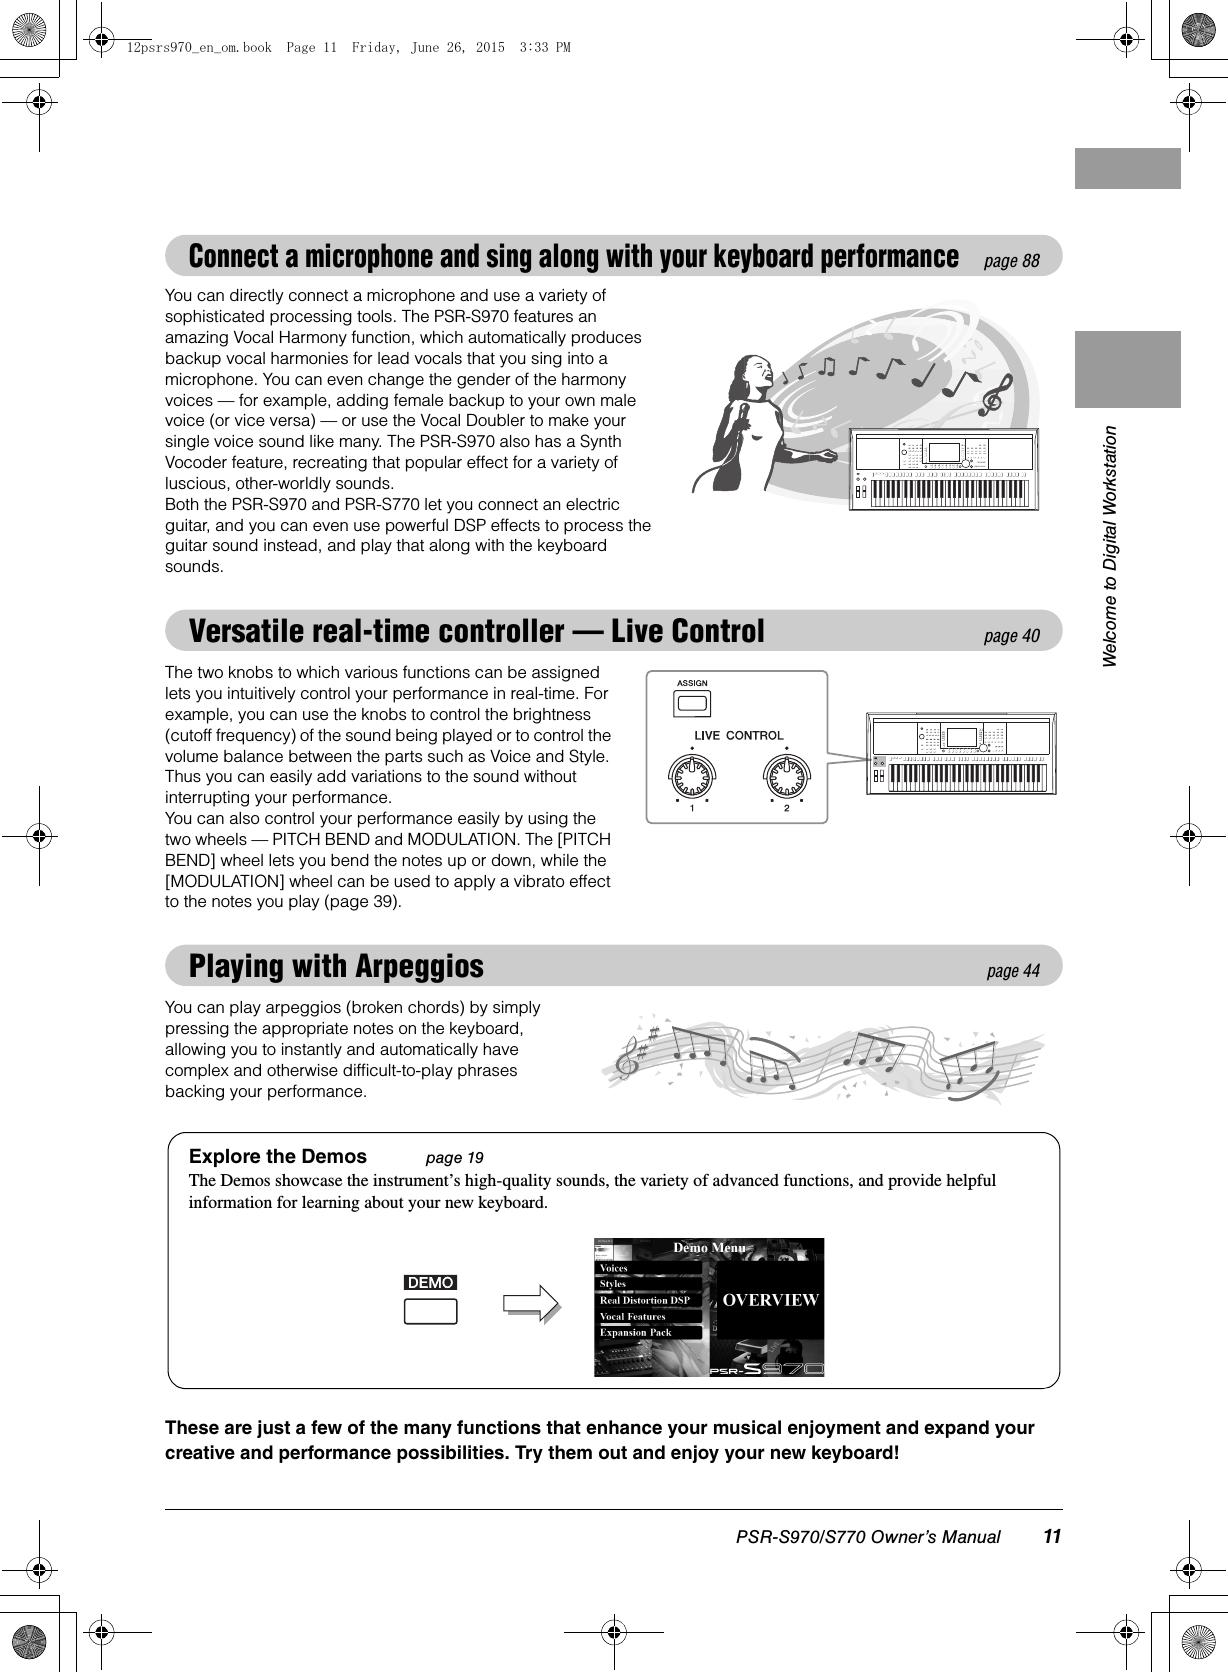 Yamaha PSR S970/S770 Owner's Manual S970/PSR S770 Psrs970 En